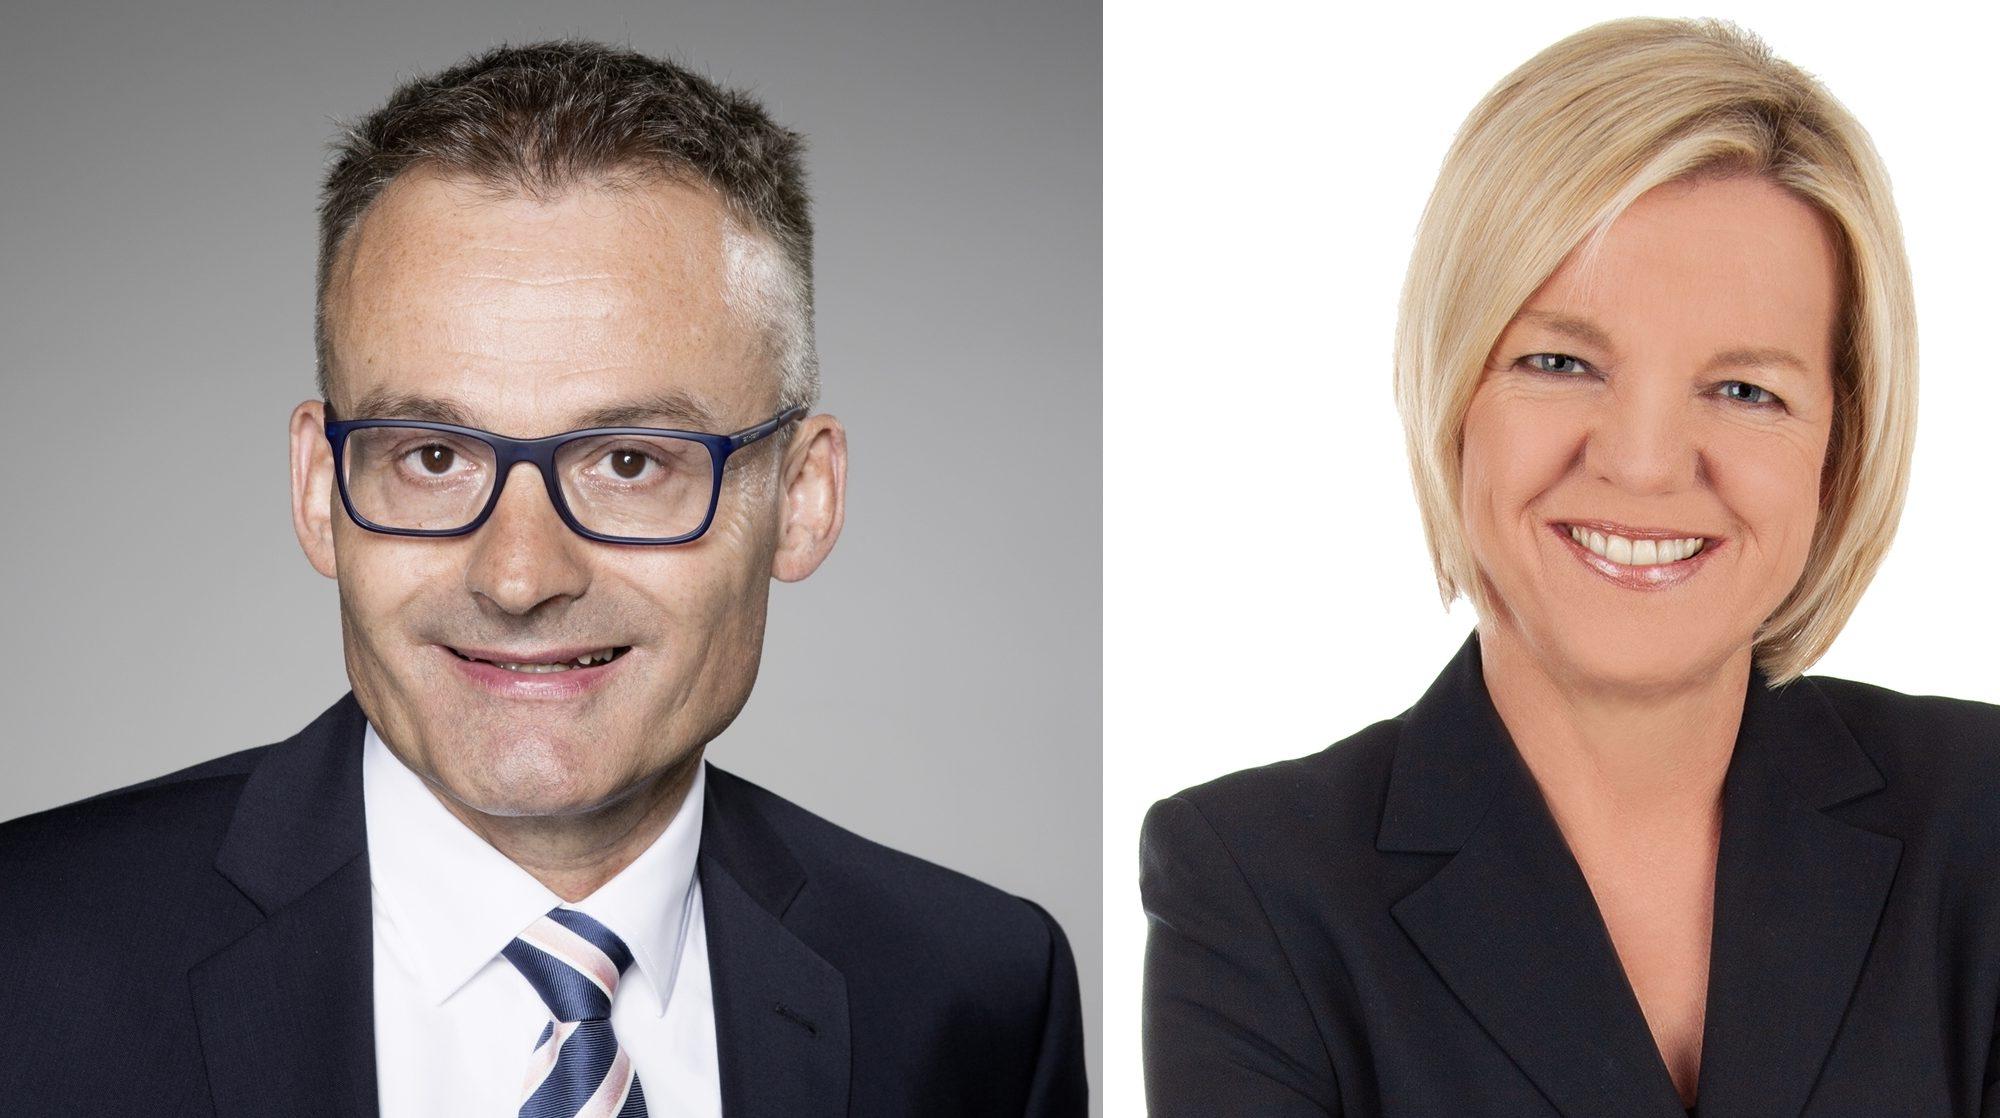 Frau Söndgen und Herr Bürgermeister Binder (Bildquelle. Gemeinde Baienfurt)